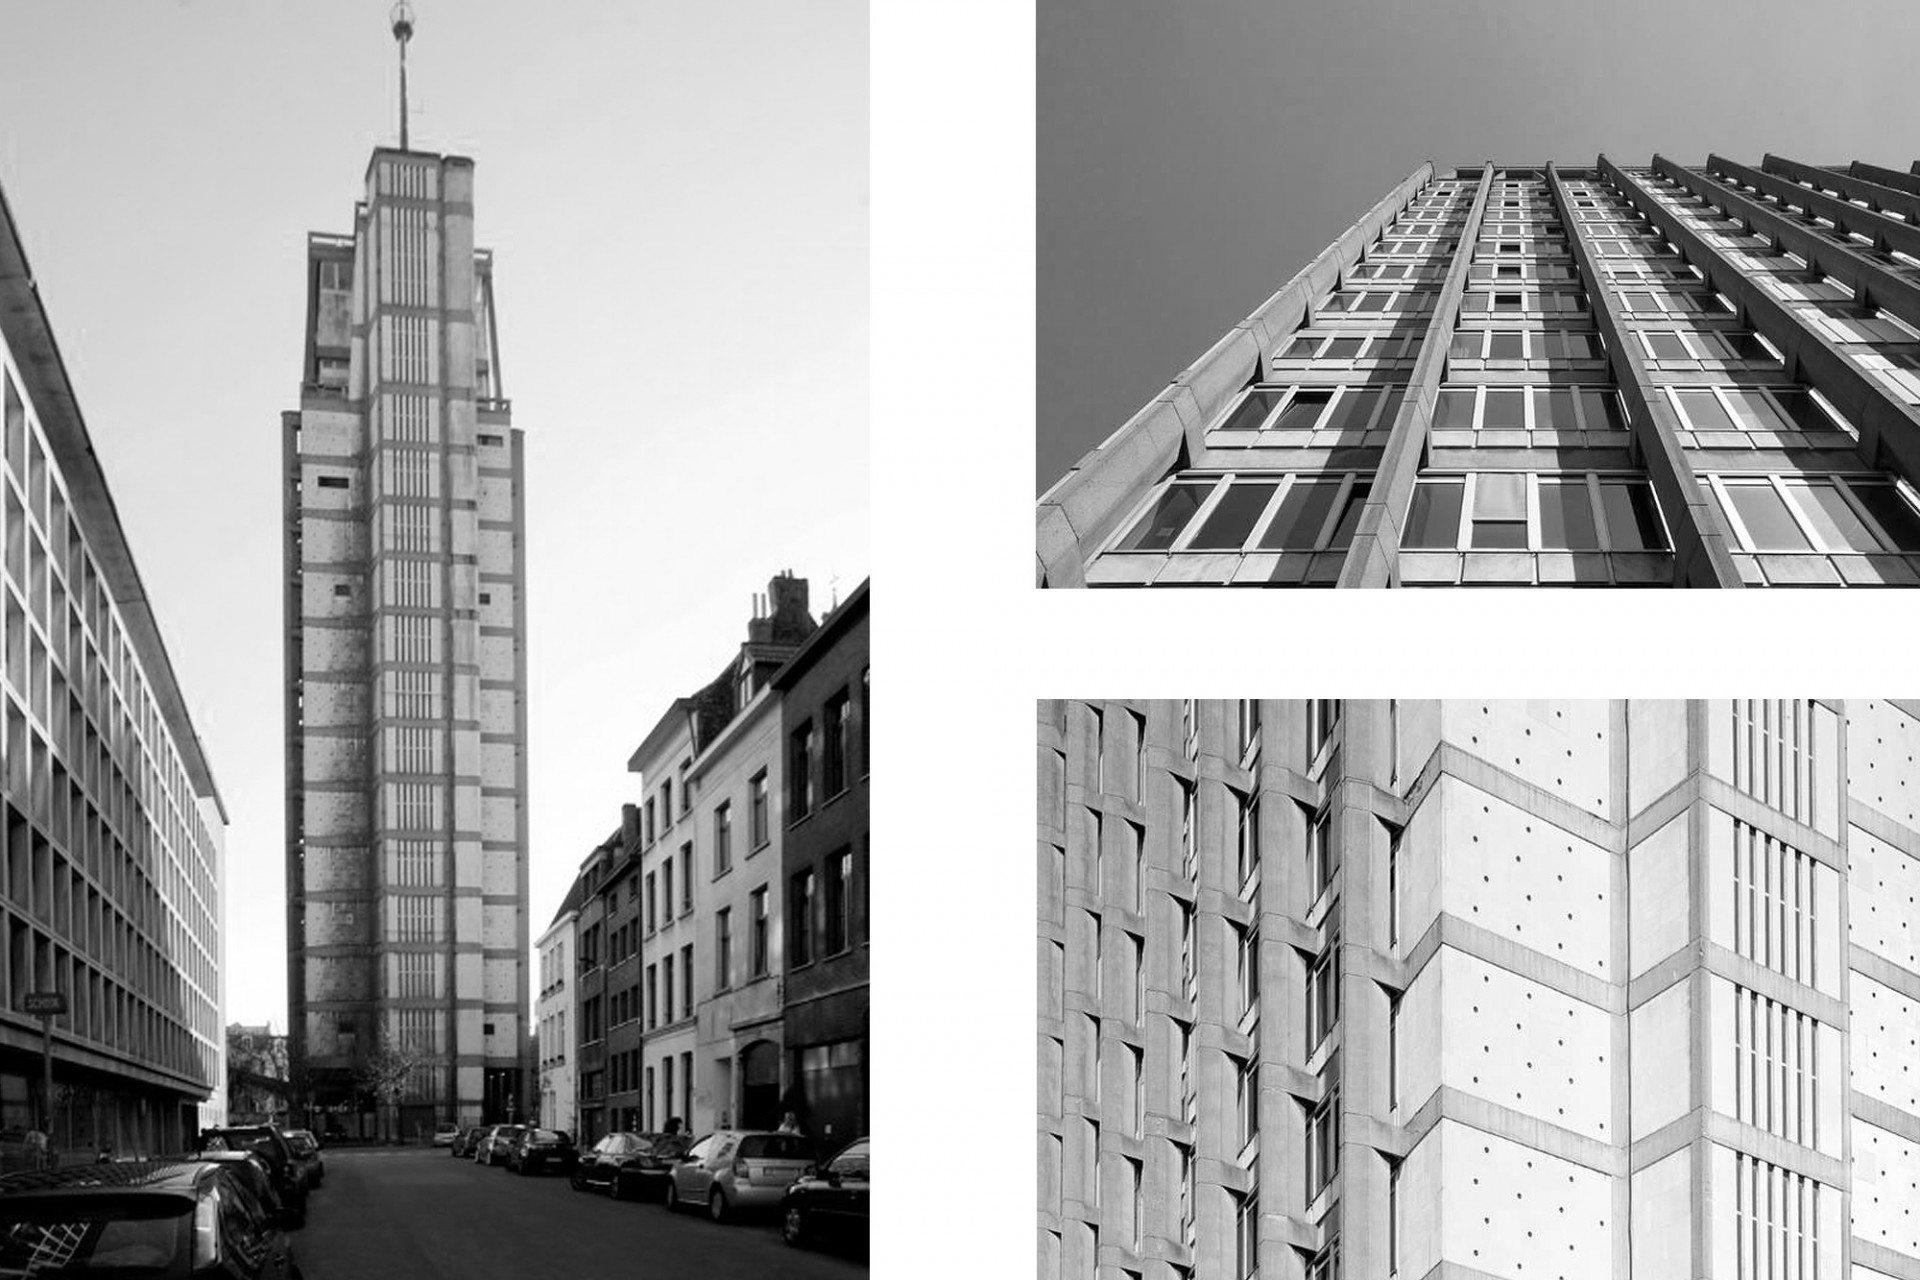 """Brutalistisch. Für viele ist """"Den Oudaan"""" das hässlichste Gebäude der Stadt. Die Modernisten Renaat Braem, J. De Roover und M. Wijnants errichteten den Turm zwischen 1957 und 1967 als neue Polizeizentrale. Ursprünglich waren sogar zwei Türme geplant, die durch ein sechsgeschossiges Sockelgebäude verbunden werden sollten. Ein großer Teil der alten Stadtstruktur wurde damals abgetragen, darunter eine einzigartige Einkaufspassage des belgischen Architekten J.P. Cluysenaar aus dem 19. Jahrhundert. Dem Stahlbetonriesen drohte dasselbe Schicksal, bis sich seit einiger Zeit die Bürgerinitiative """"We kopen samen den Oudaan"""" (Lasst uns den Oudaan kaufen) für den Erhalt und die Umnutzung des Bauwerks einsetzt. Es gibt auch Liebhaber des Brutalismus."""